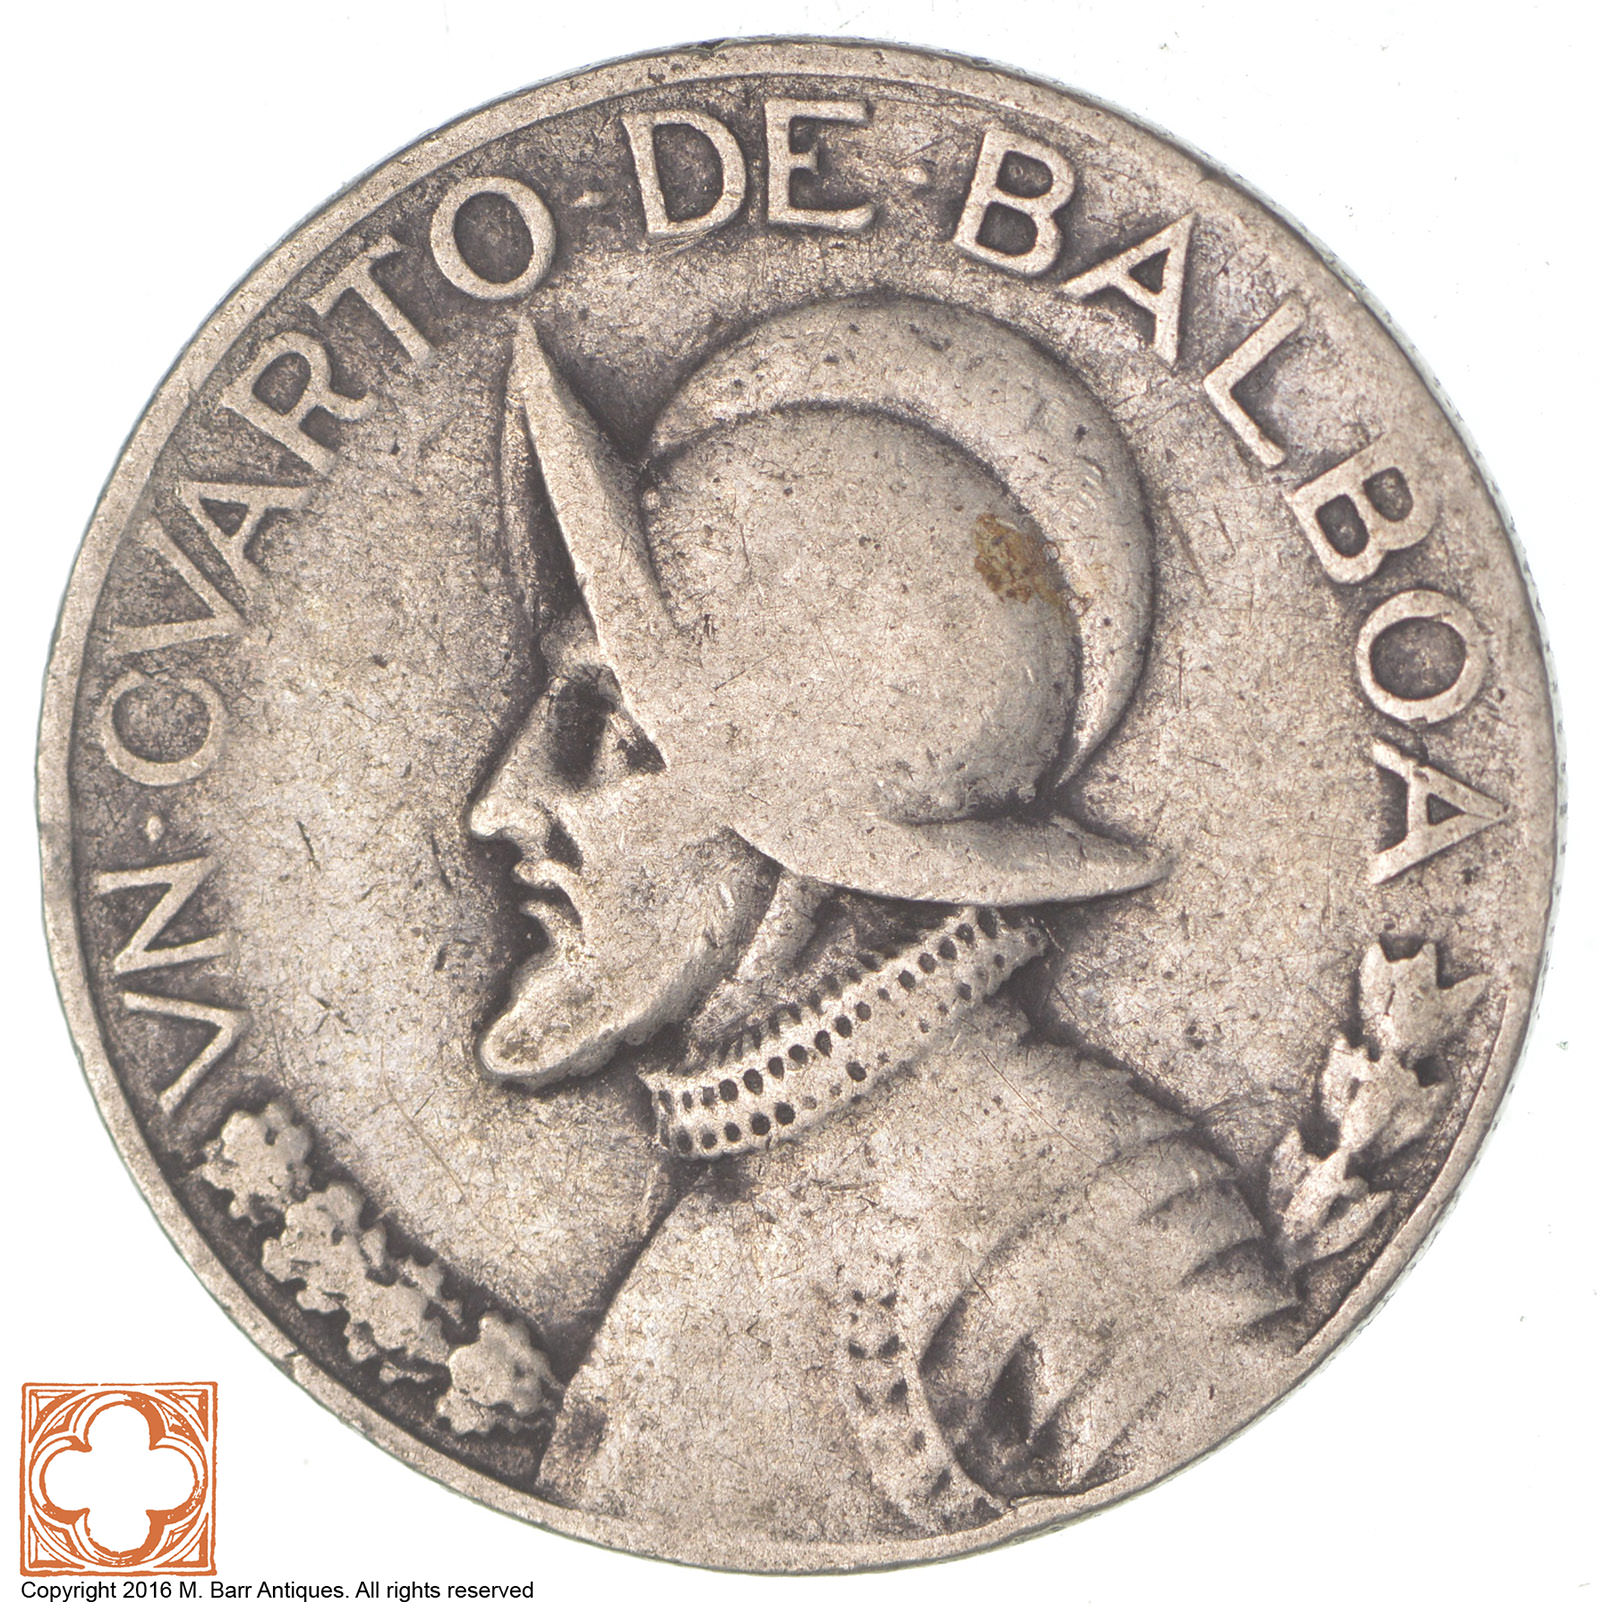 Silver coin photo